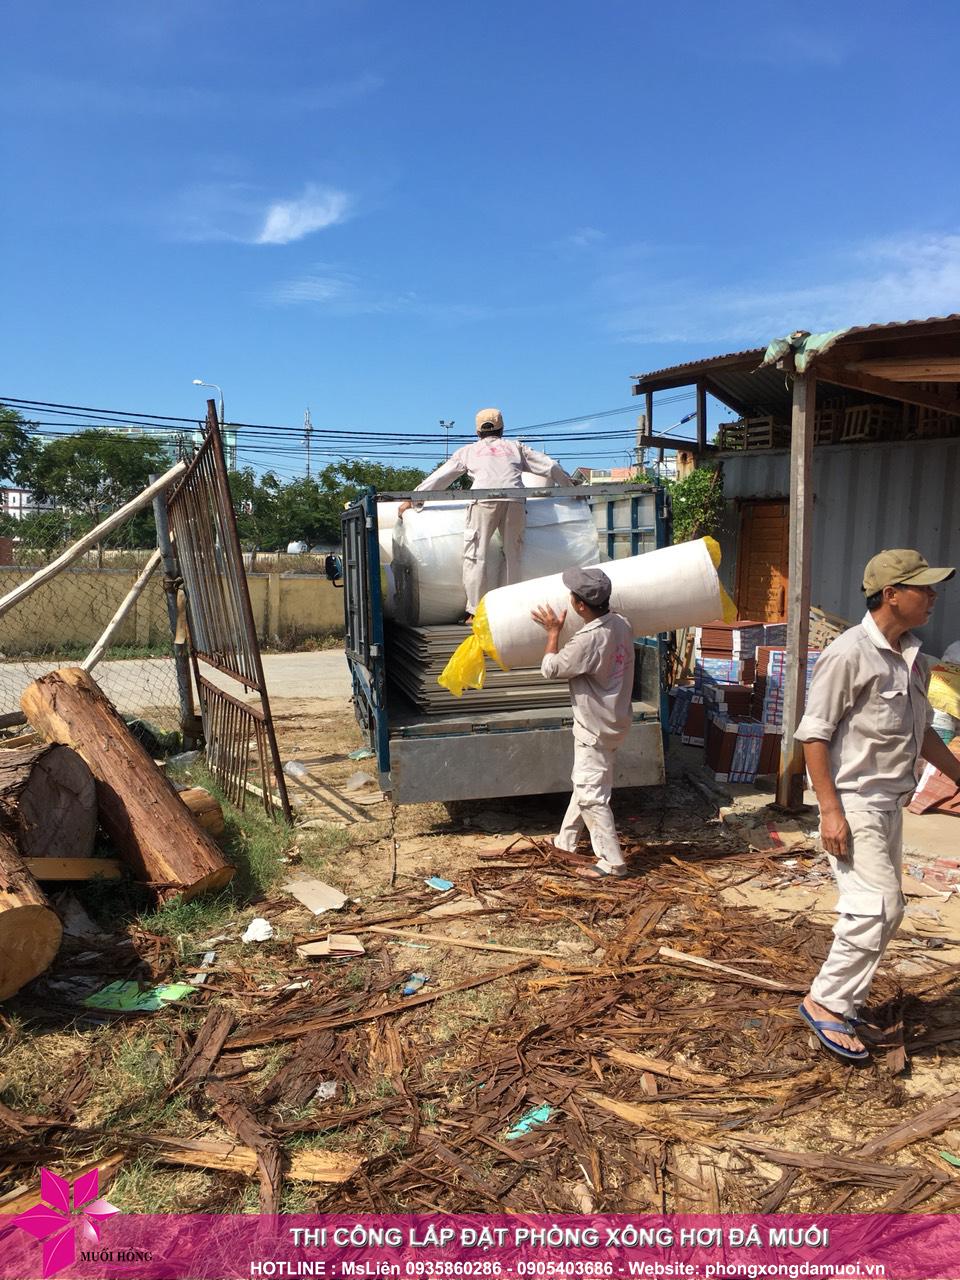 Đợt hàng thứ nhất của dự án jjimjilbang hội an đã nhập kho công trình 2